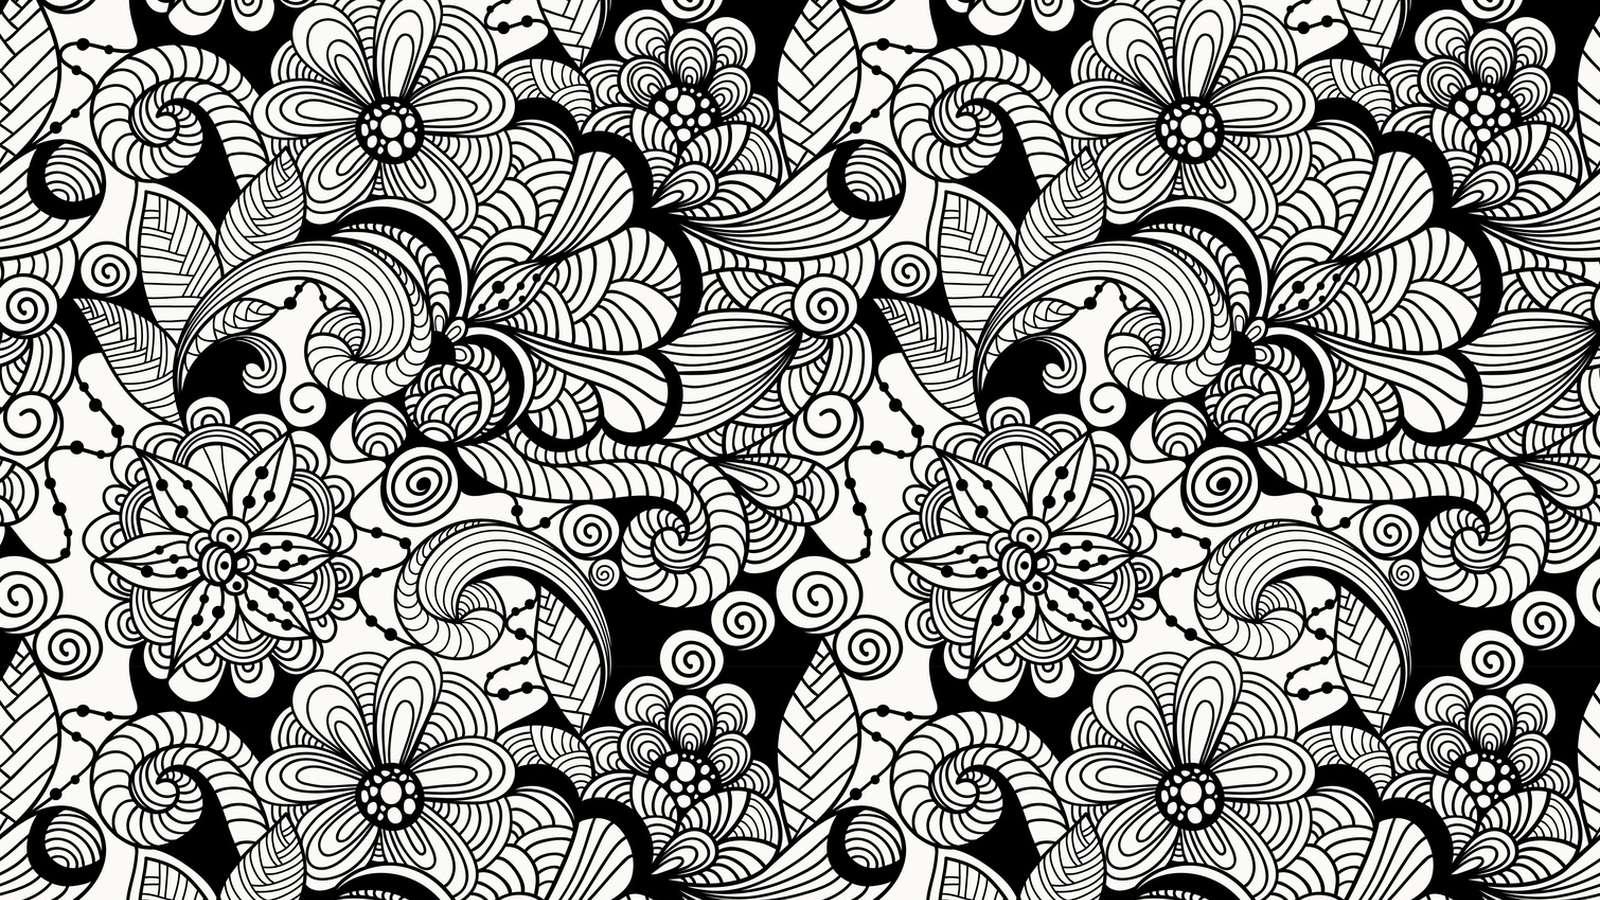 zentangle beseelt und entspannt zeichnen ber die ber hmte zeichenkunst aus den usa evidero. Black Bedroom Furniture Sets. Home Design Ideas